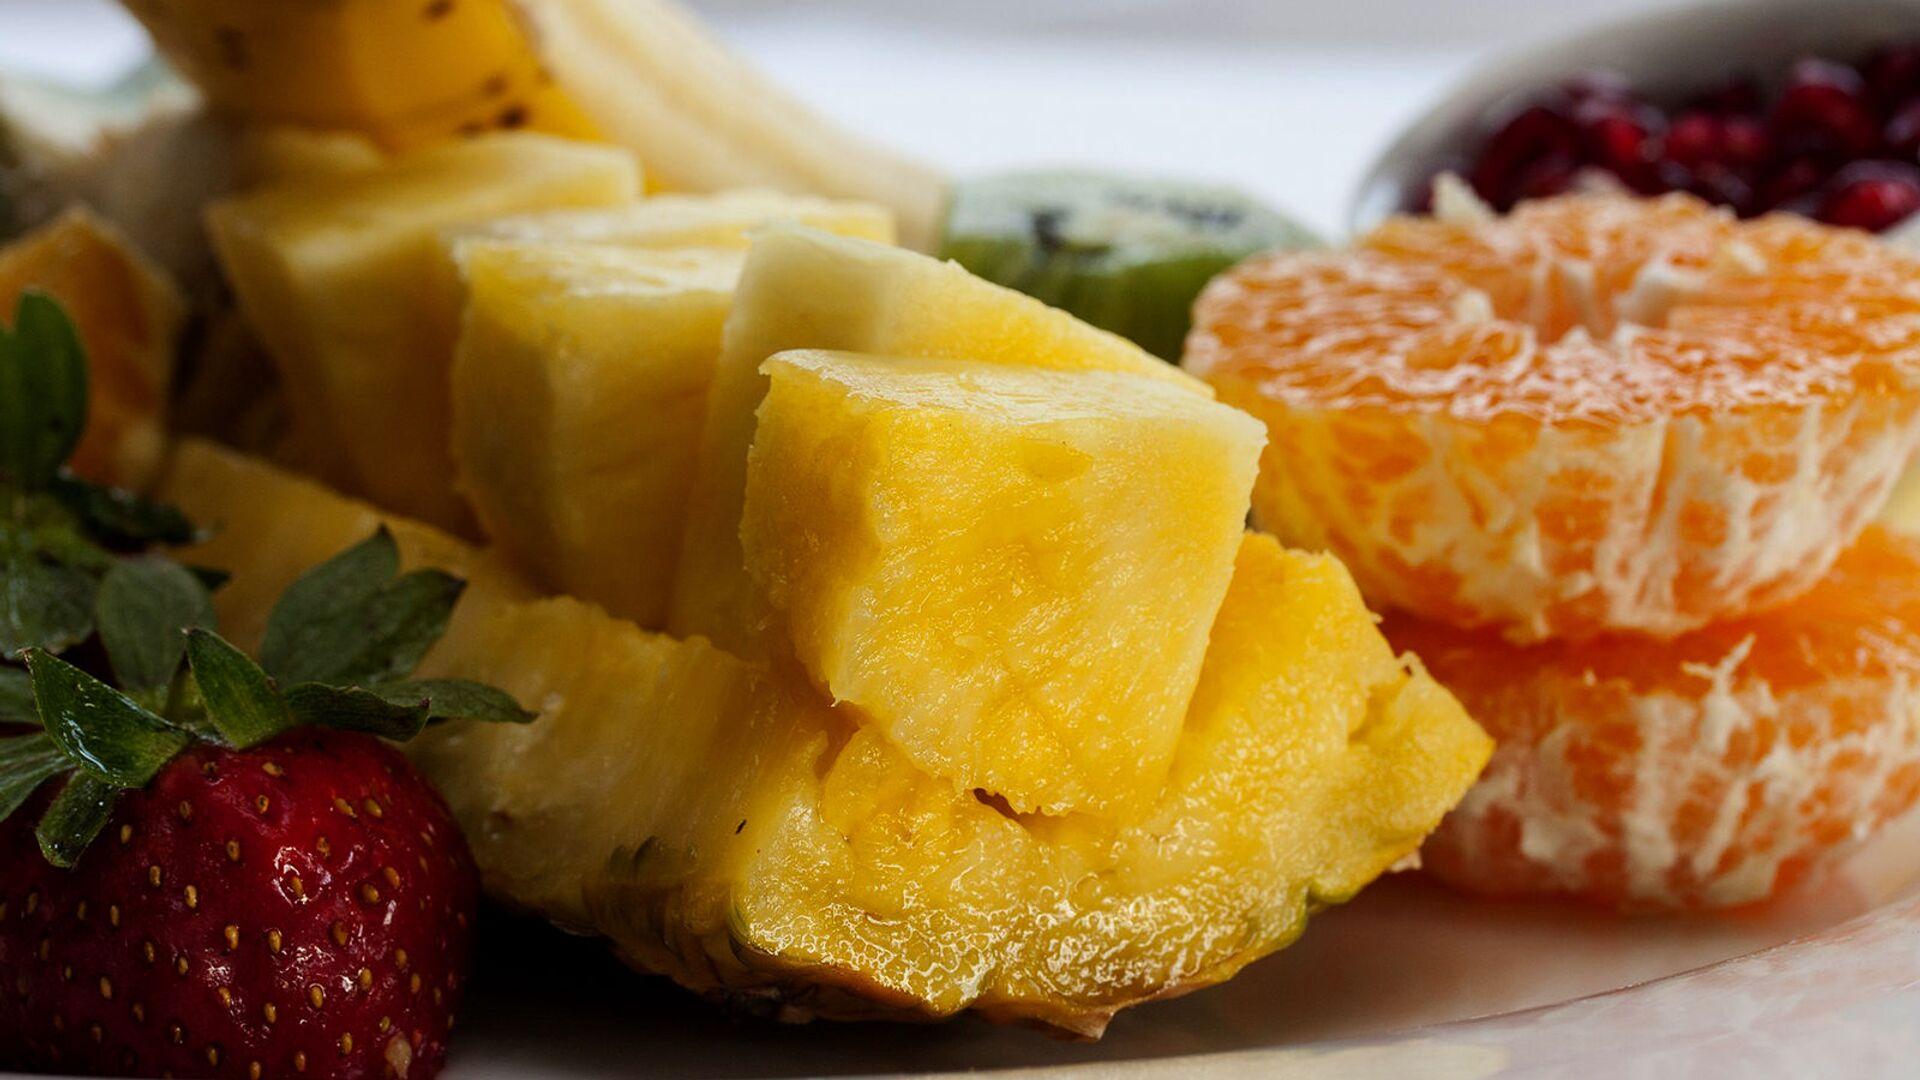 Нарезанный ломтиками свежий ананас с мандаринами и клубникой - Sputnik Армения, 1920, 12.04.2021